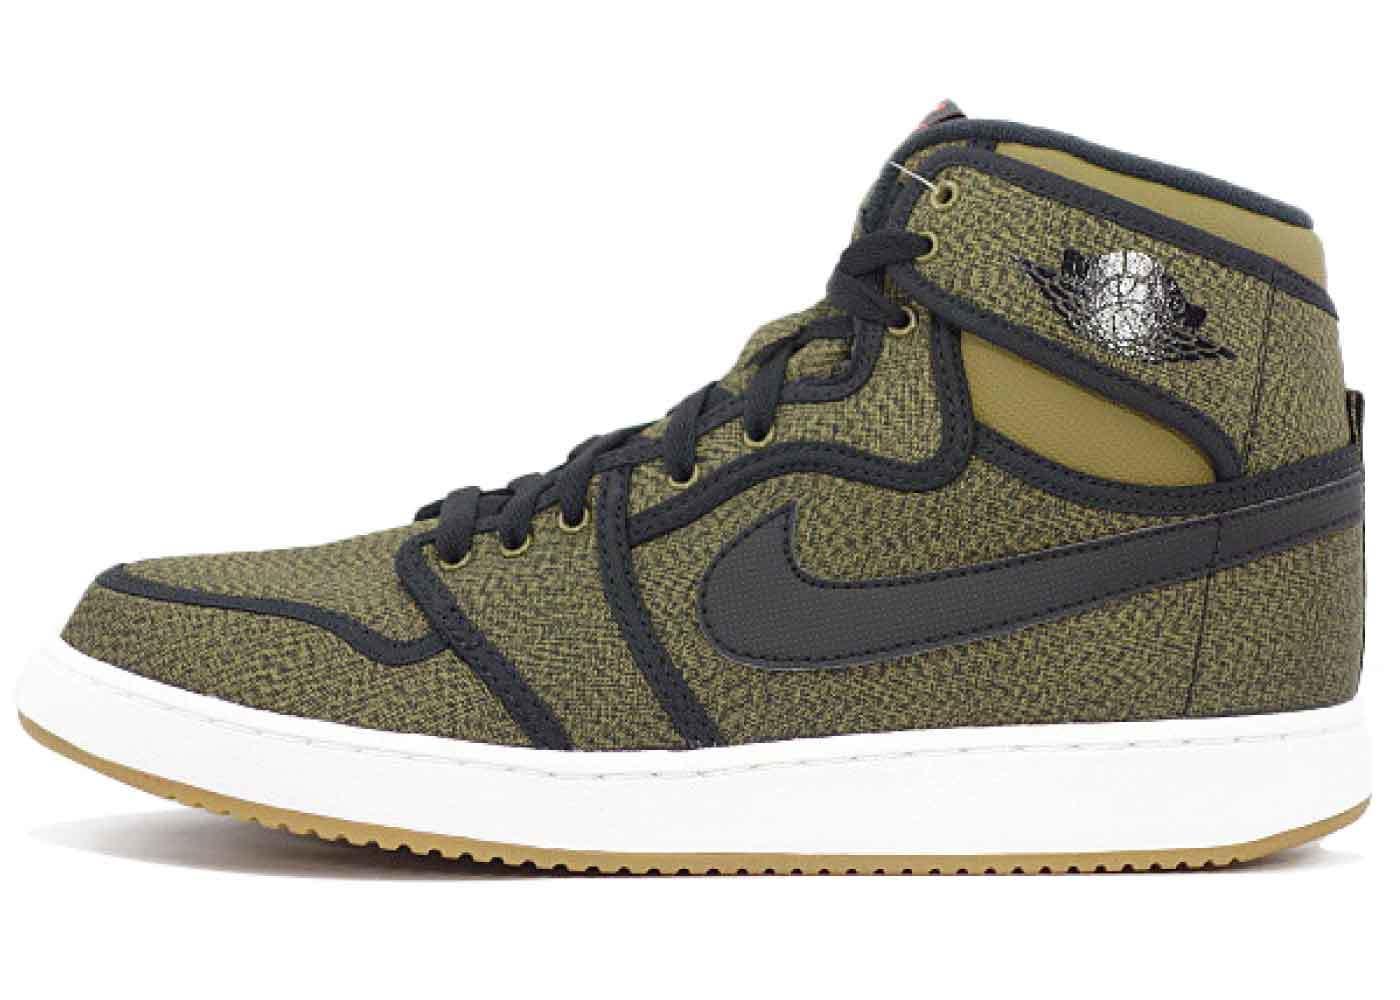 Nike Air Jordan 1 Retro KO Milita Greenの写真